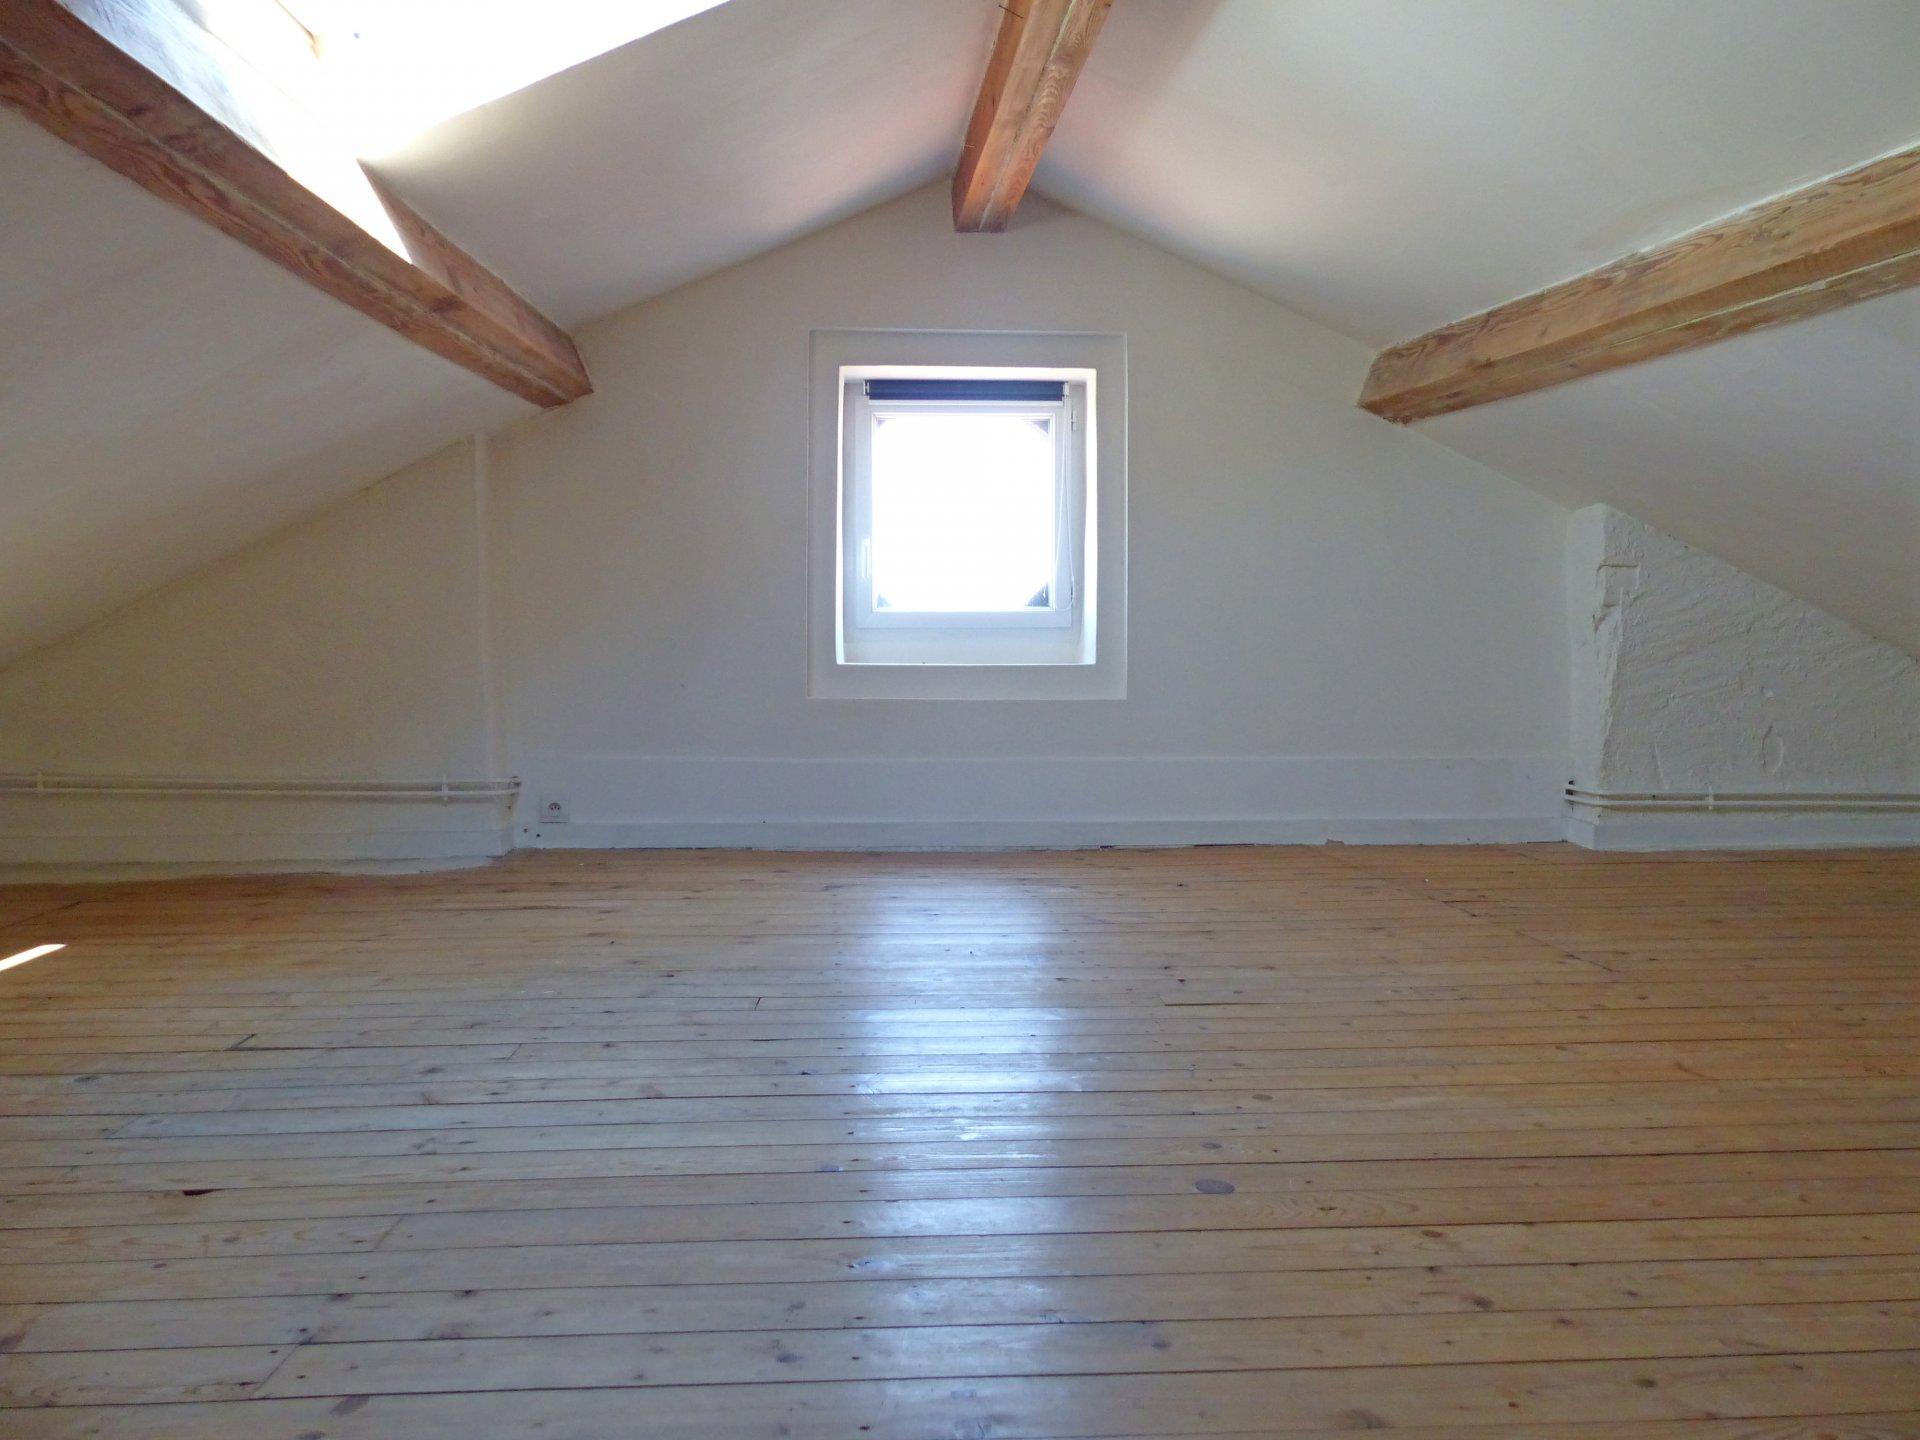 Idéal pour une grande famille, dans un quartier tout proche du centre ville, à proximité de la gare, venez découvrir ce très bel appartement rénové offrant une surface au sol de 217 m² (170 m² Carrez). Situé au dernier étage d'un immeuble de standing, il dispose d'une agréable et lumineuse pièce de vie avec cuisine équipée, trois grandes chambres, deux salles de bains dont une avec sauna, toilette, spacieuse mezzanine de 60 m². Ce bien est vendu avec un garage ainsi qu'une cave. Il est également doté d'une pièce annexe sur le même pallier de 20 m². Très faibles charges de copropriétés (618 euros /an - 7 lots principaux), prestations de qualités. A visiter sans tarder. Honoraires à la charge des vendeurs.